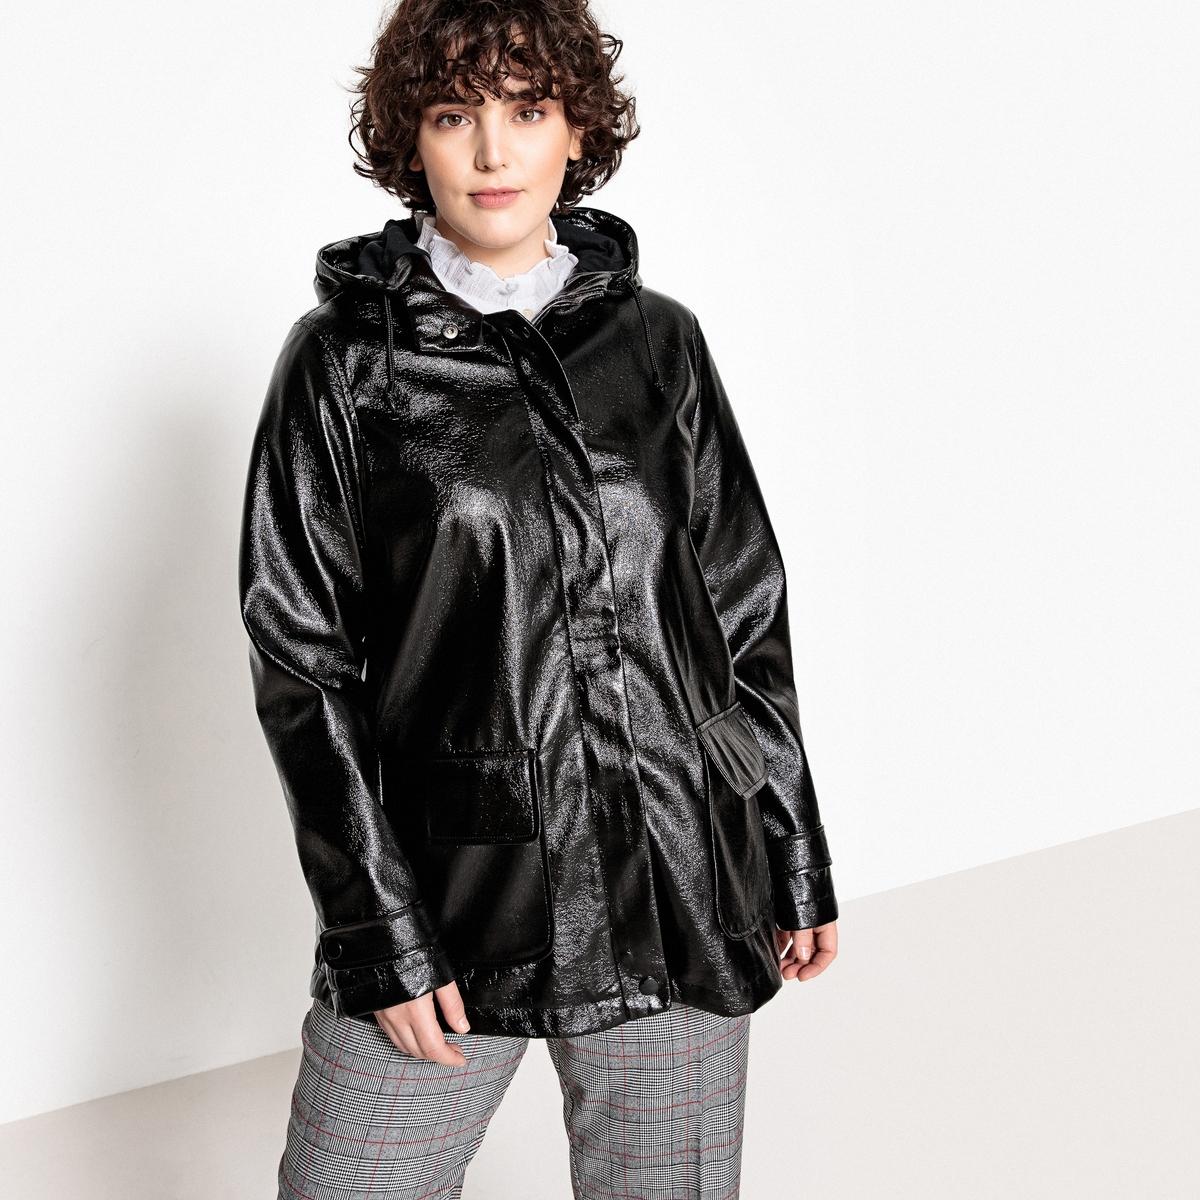 Куртка непромокаемая на молнии с капюшоном, модель демисезонная куртка укороченная большого размера демисезонная модель